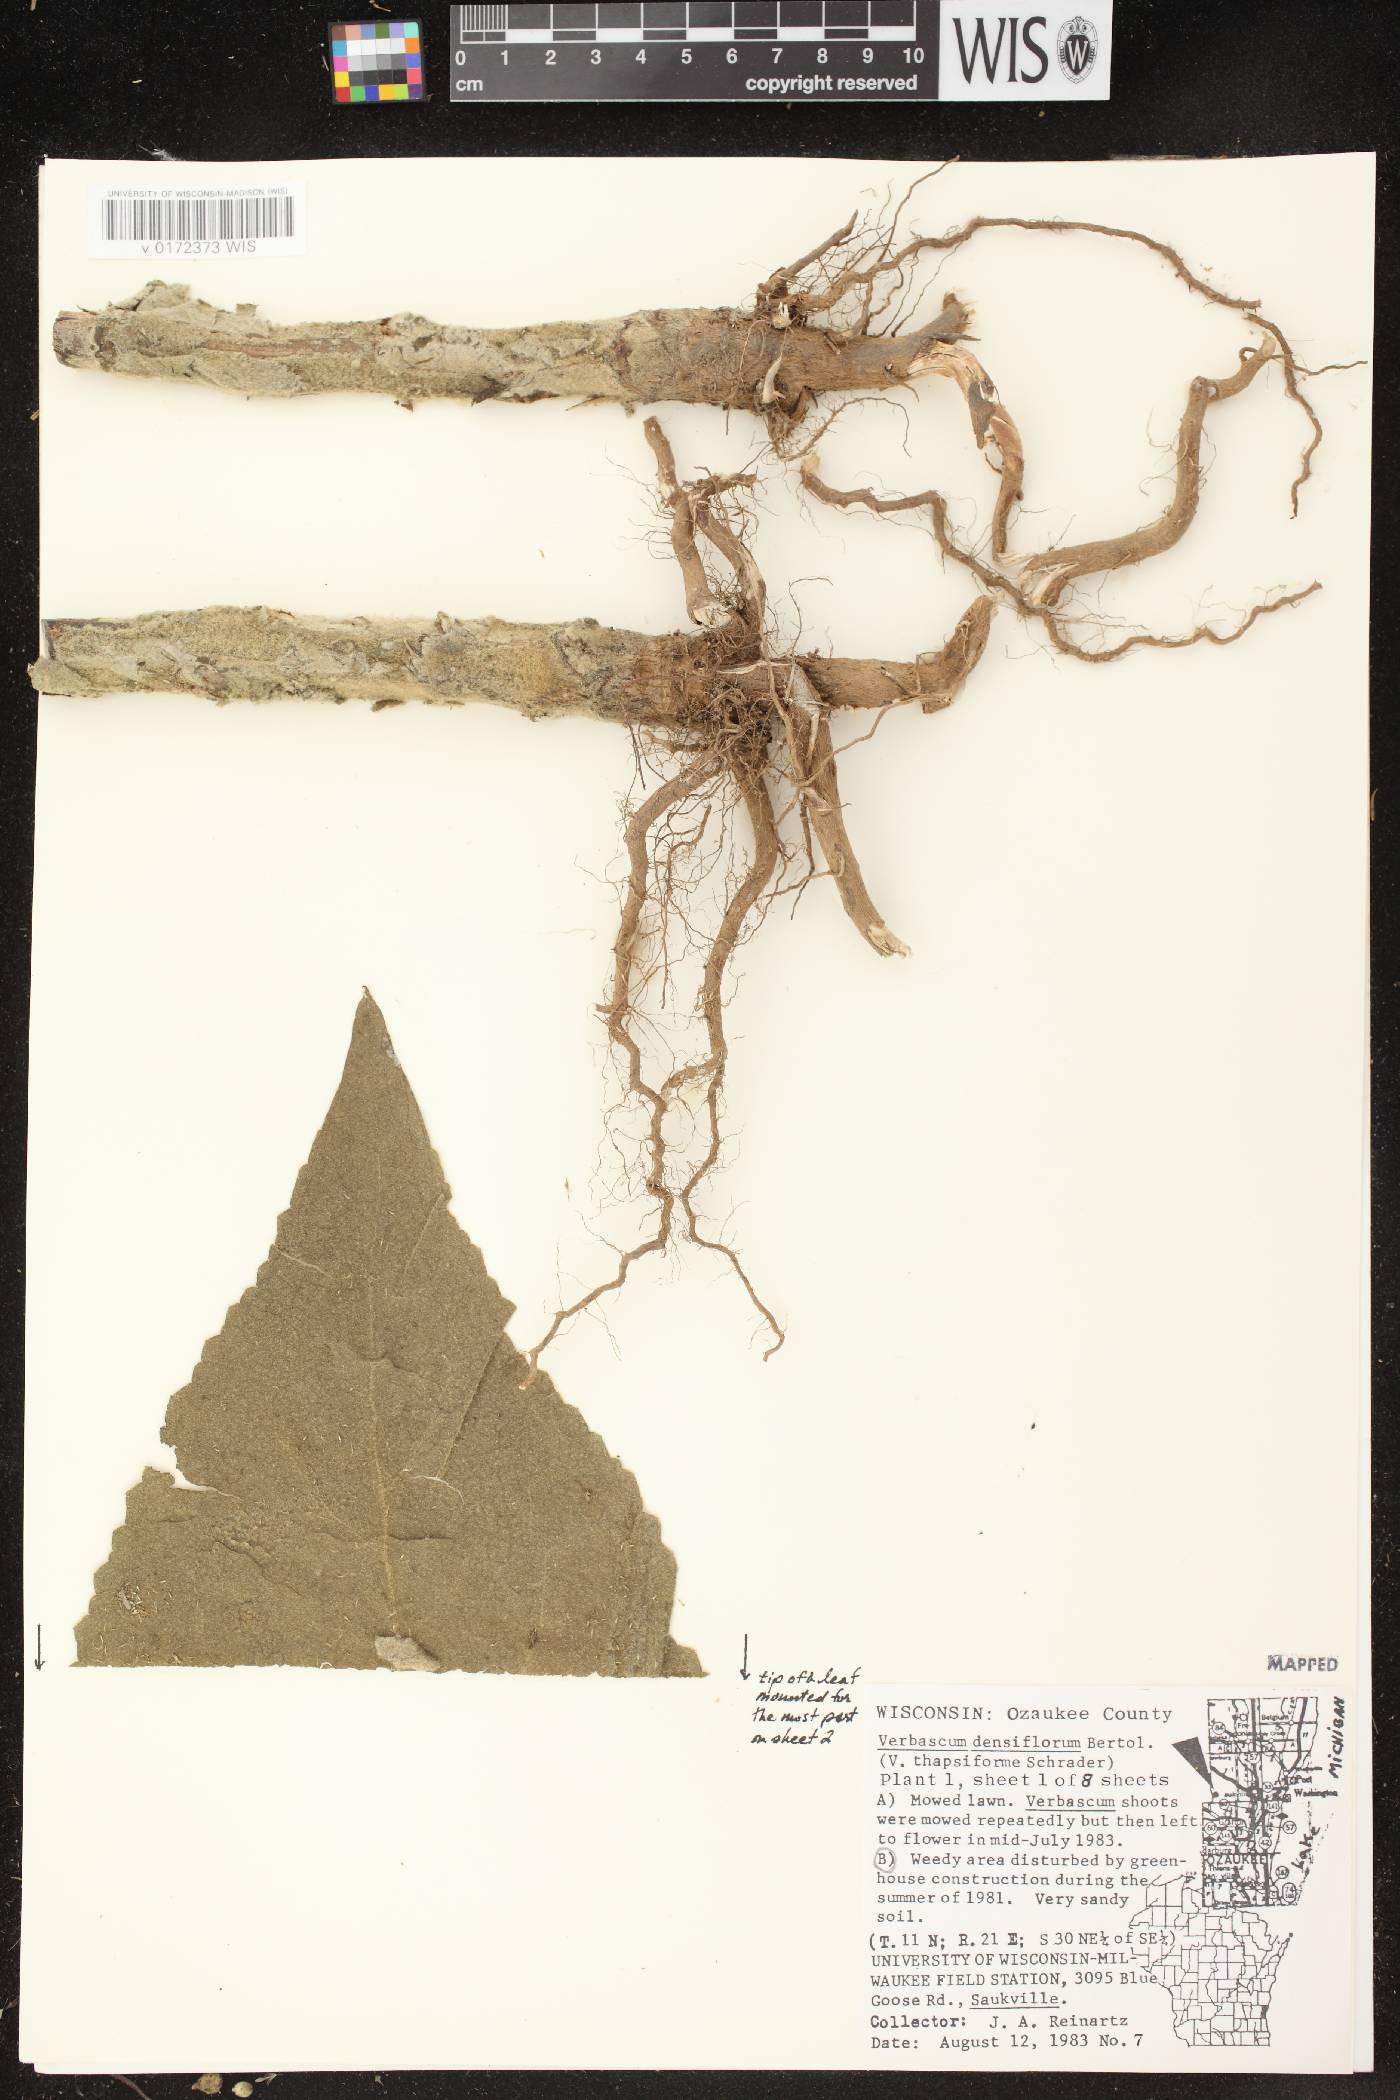 Verbascum densiflorum image